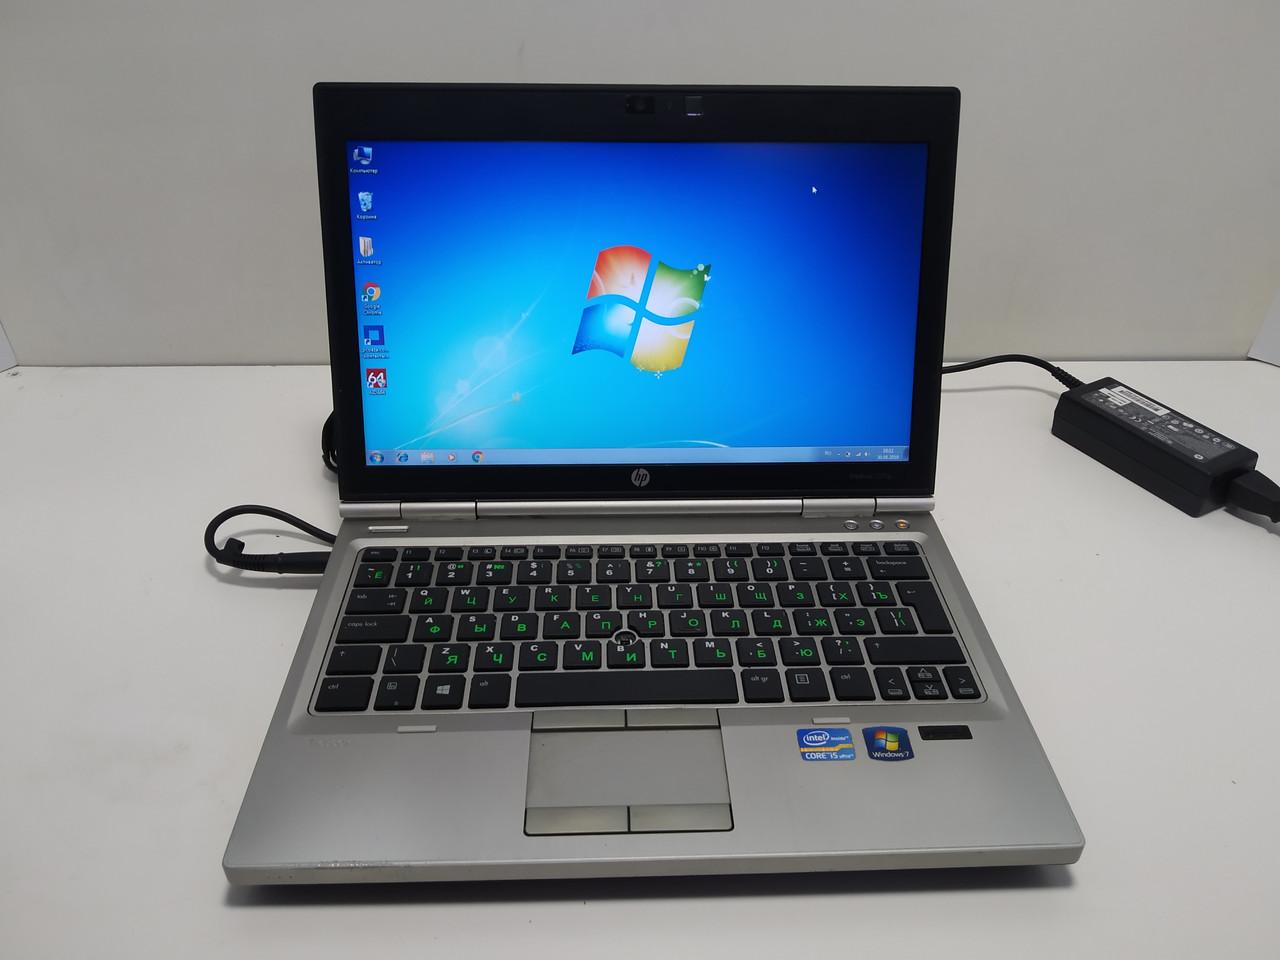 Компактный и мощный HP EliteBook 2570p, i7 3520m 2.9-3.6, 4 ГБ DDR3, 500 ГБ hdd, батарея до 5 часов